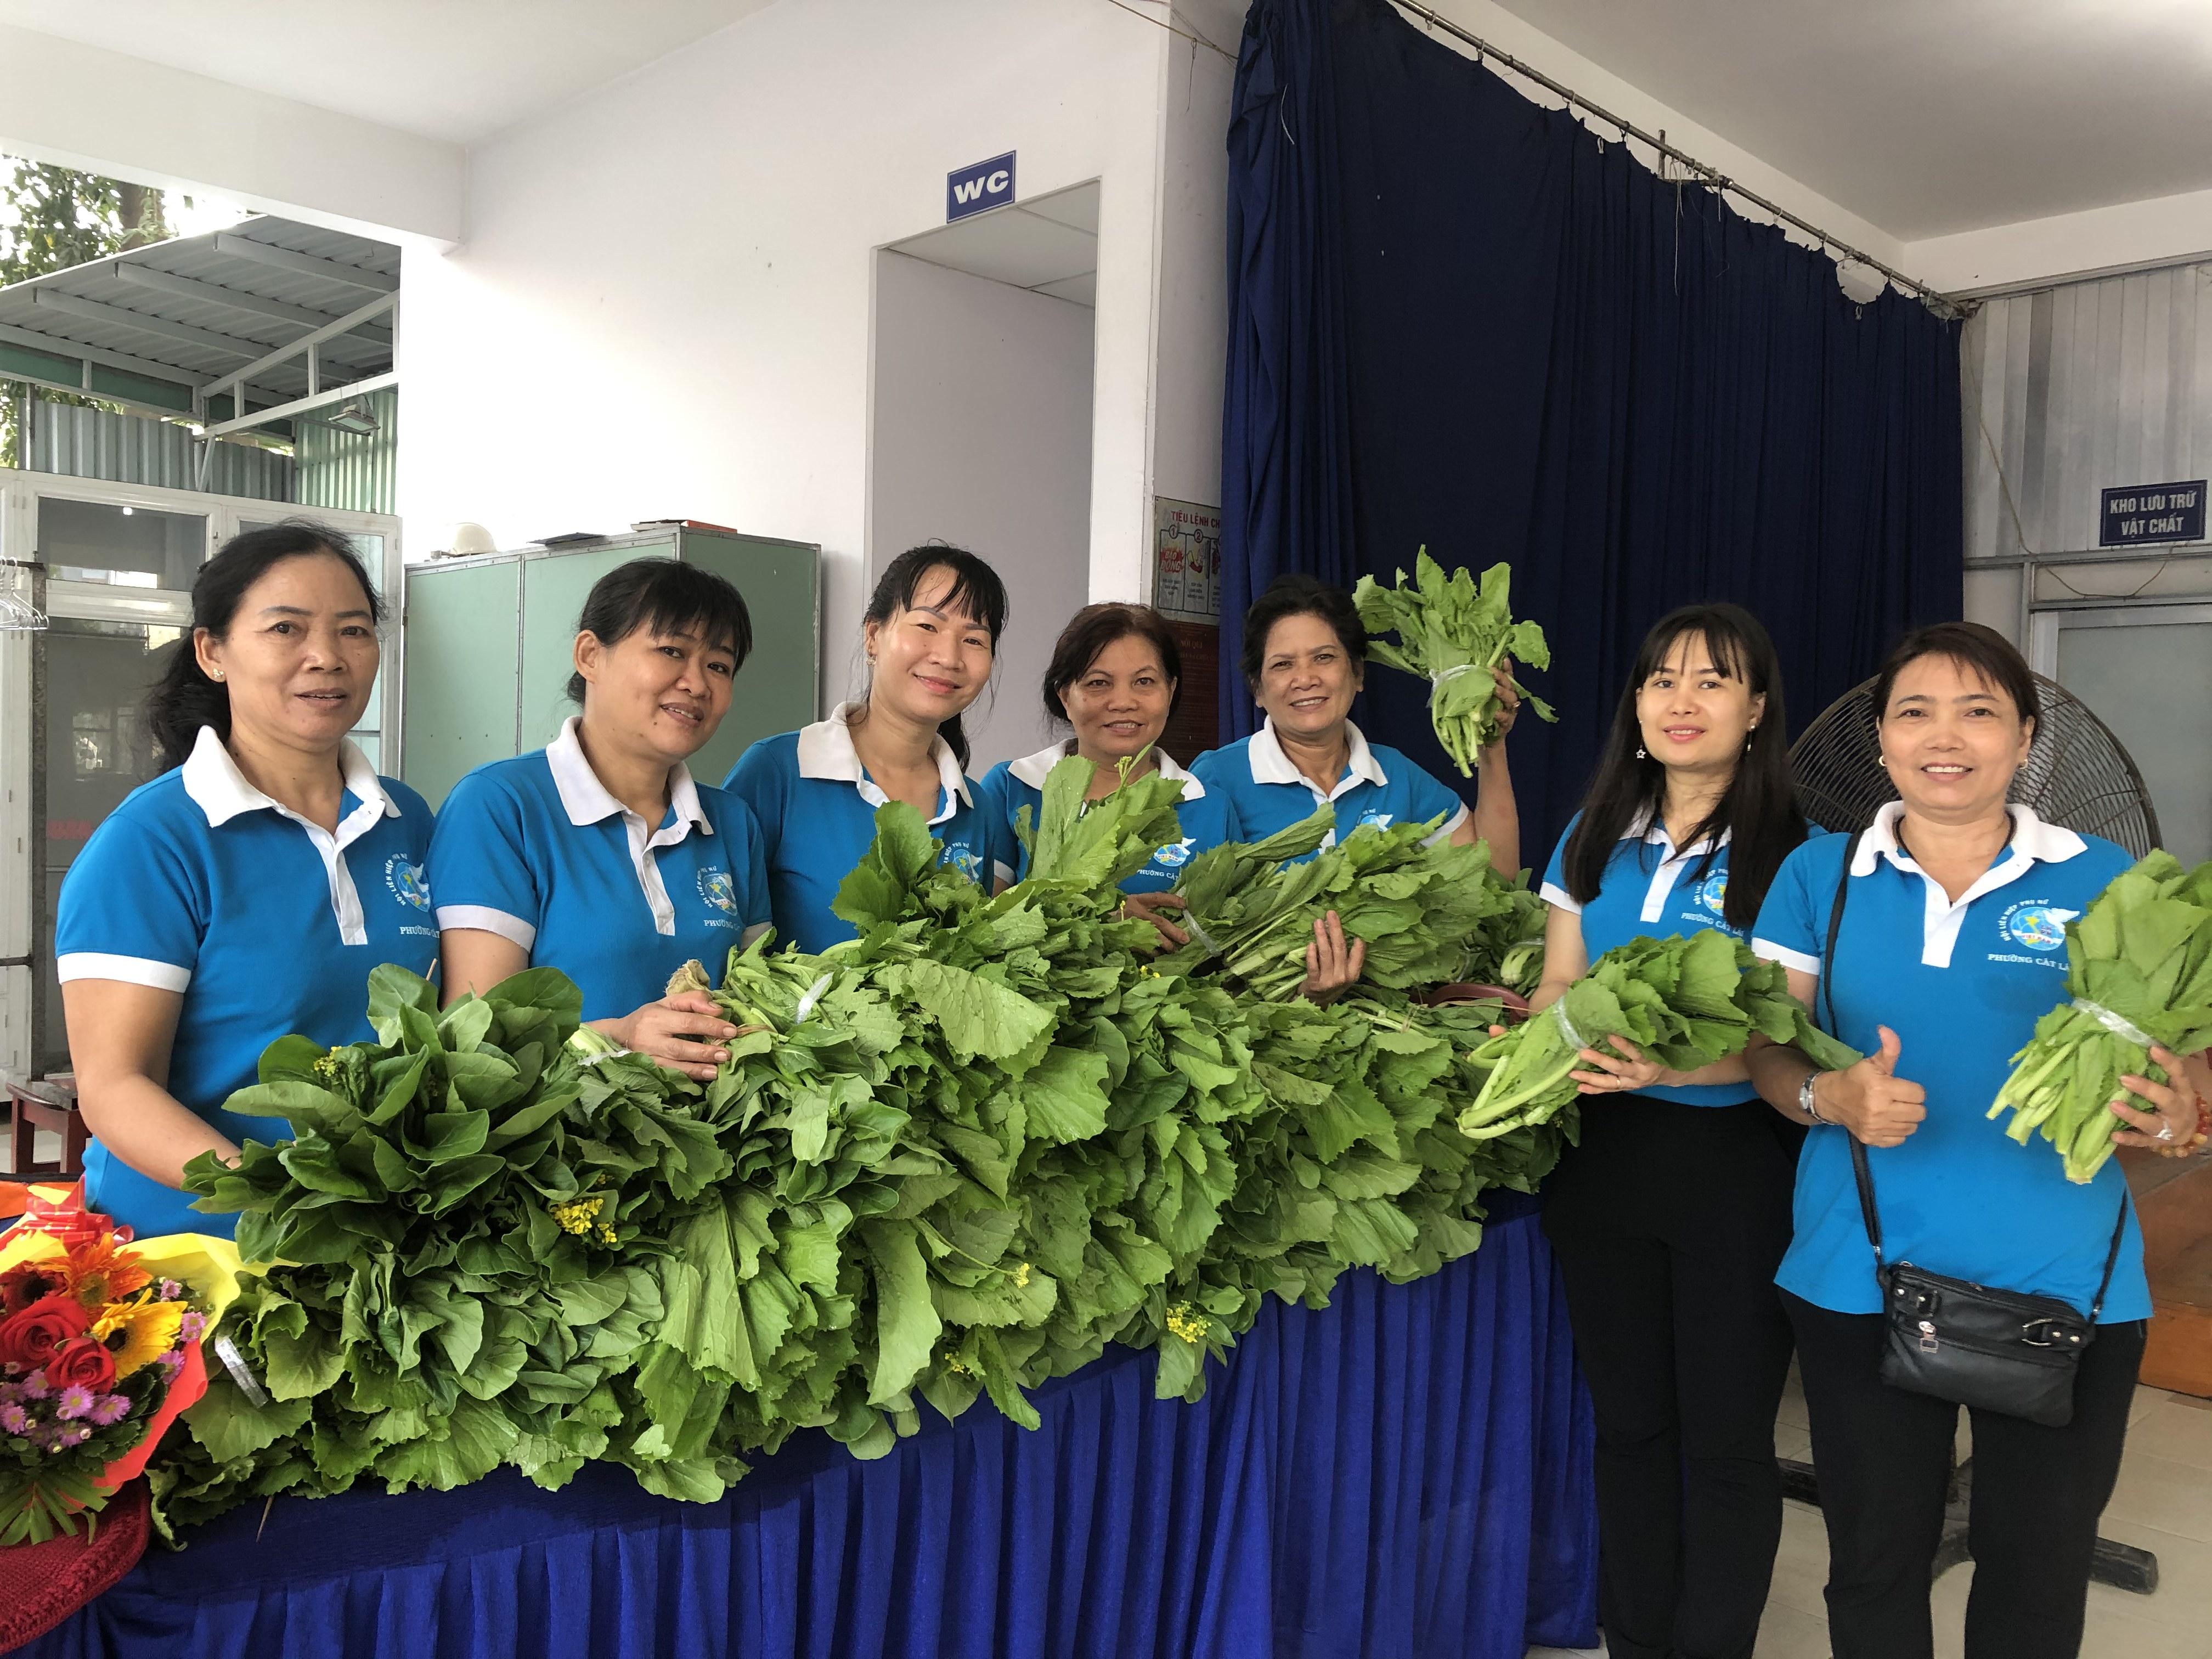 Những bó rau xanh mướt có bàn tay chăm bẵm của chị em cán bộ, hội viên phụ nữ phường Cát Lái.